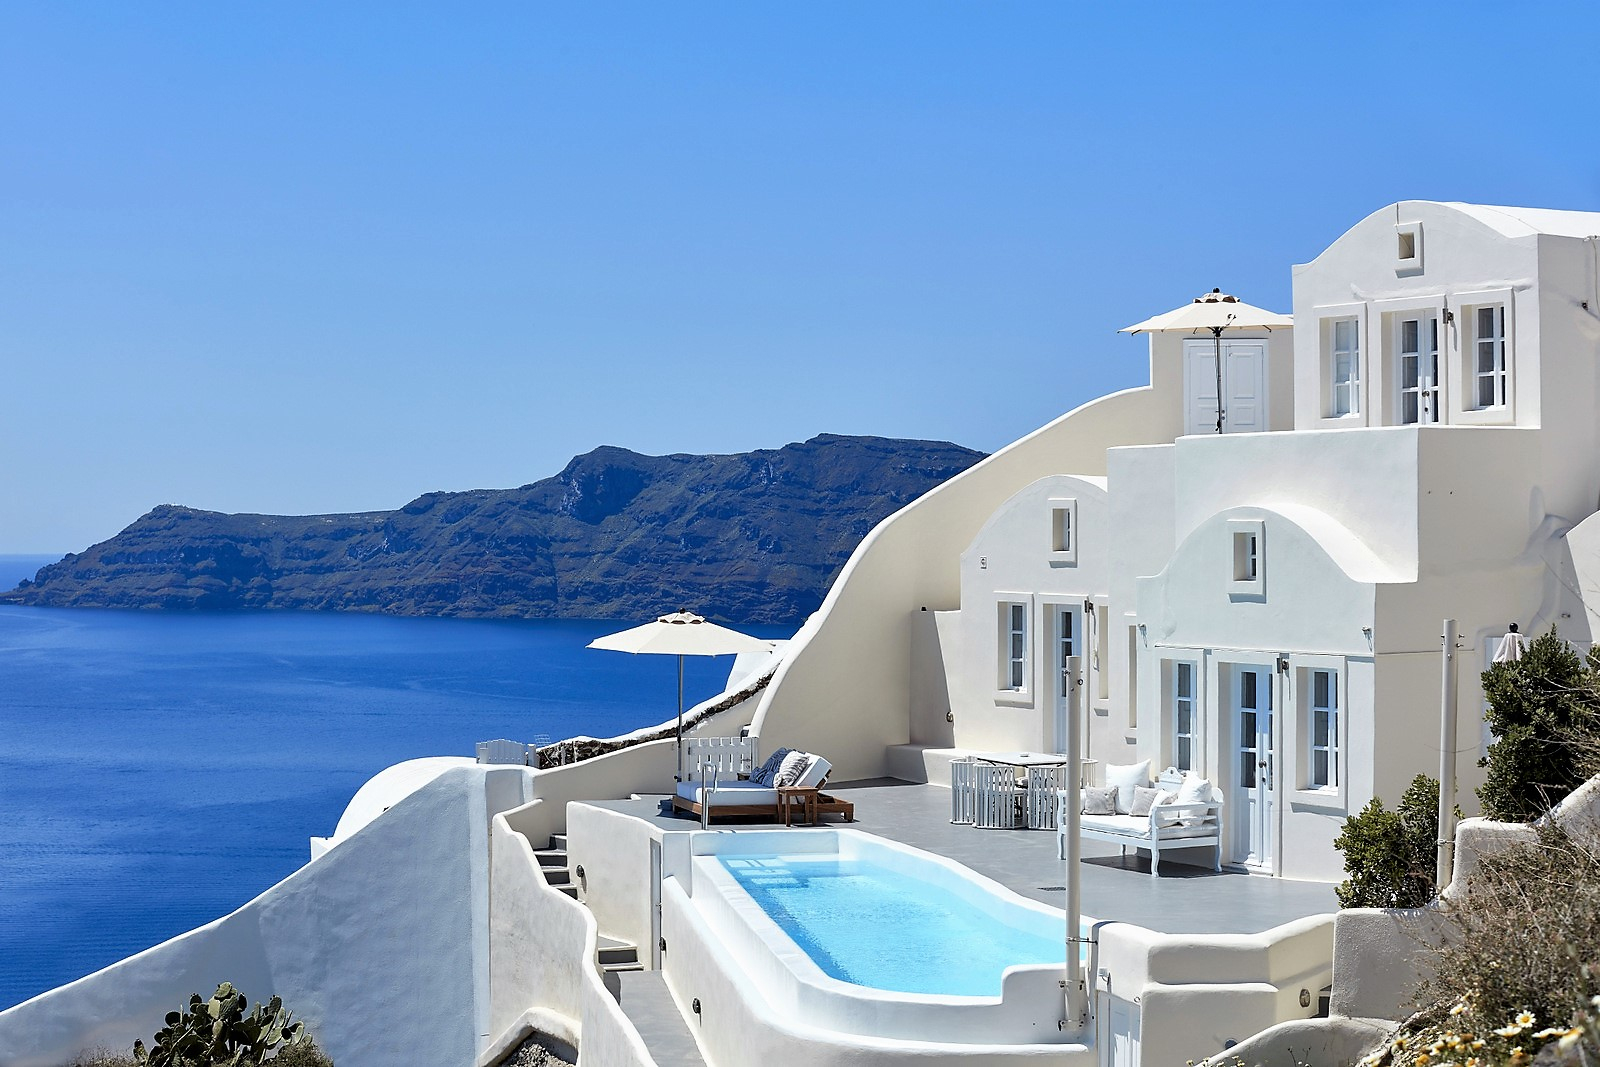 Grece Santorin Location Villa De Luxe Avec Vue Mer Et Piscine Privée serapportantà Location Maison Avec Piscine Portugal